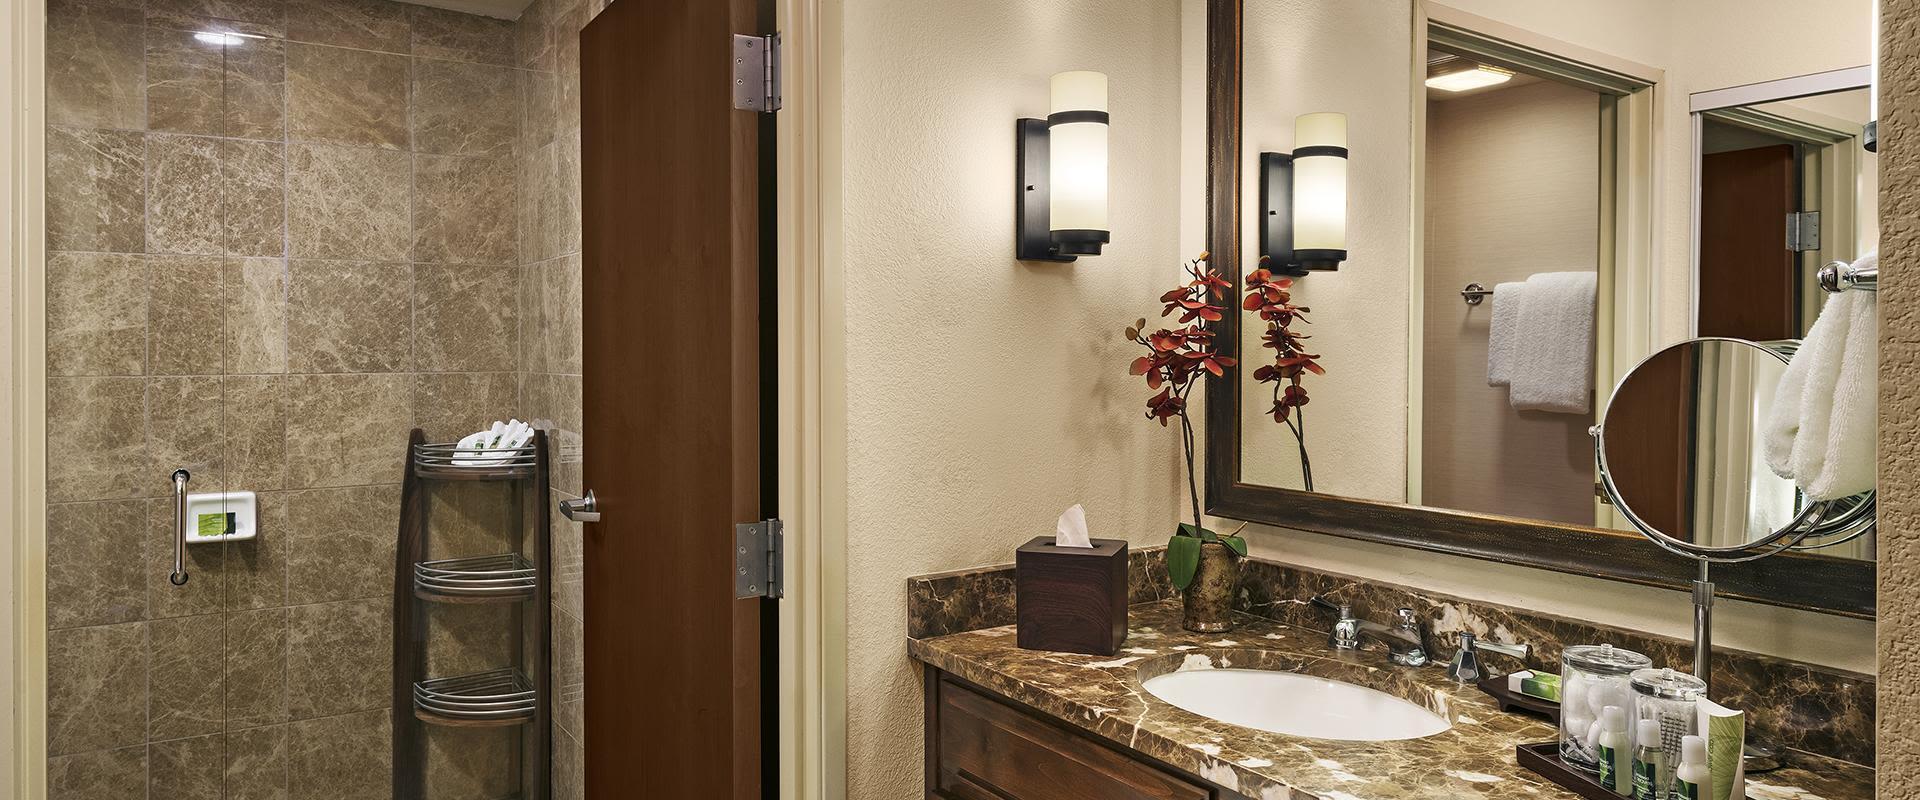 Suite Bath Vanity